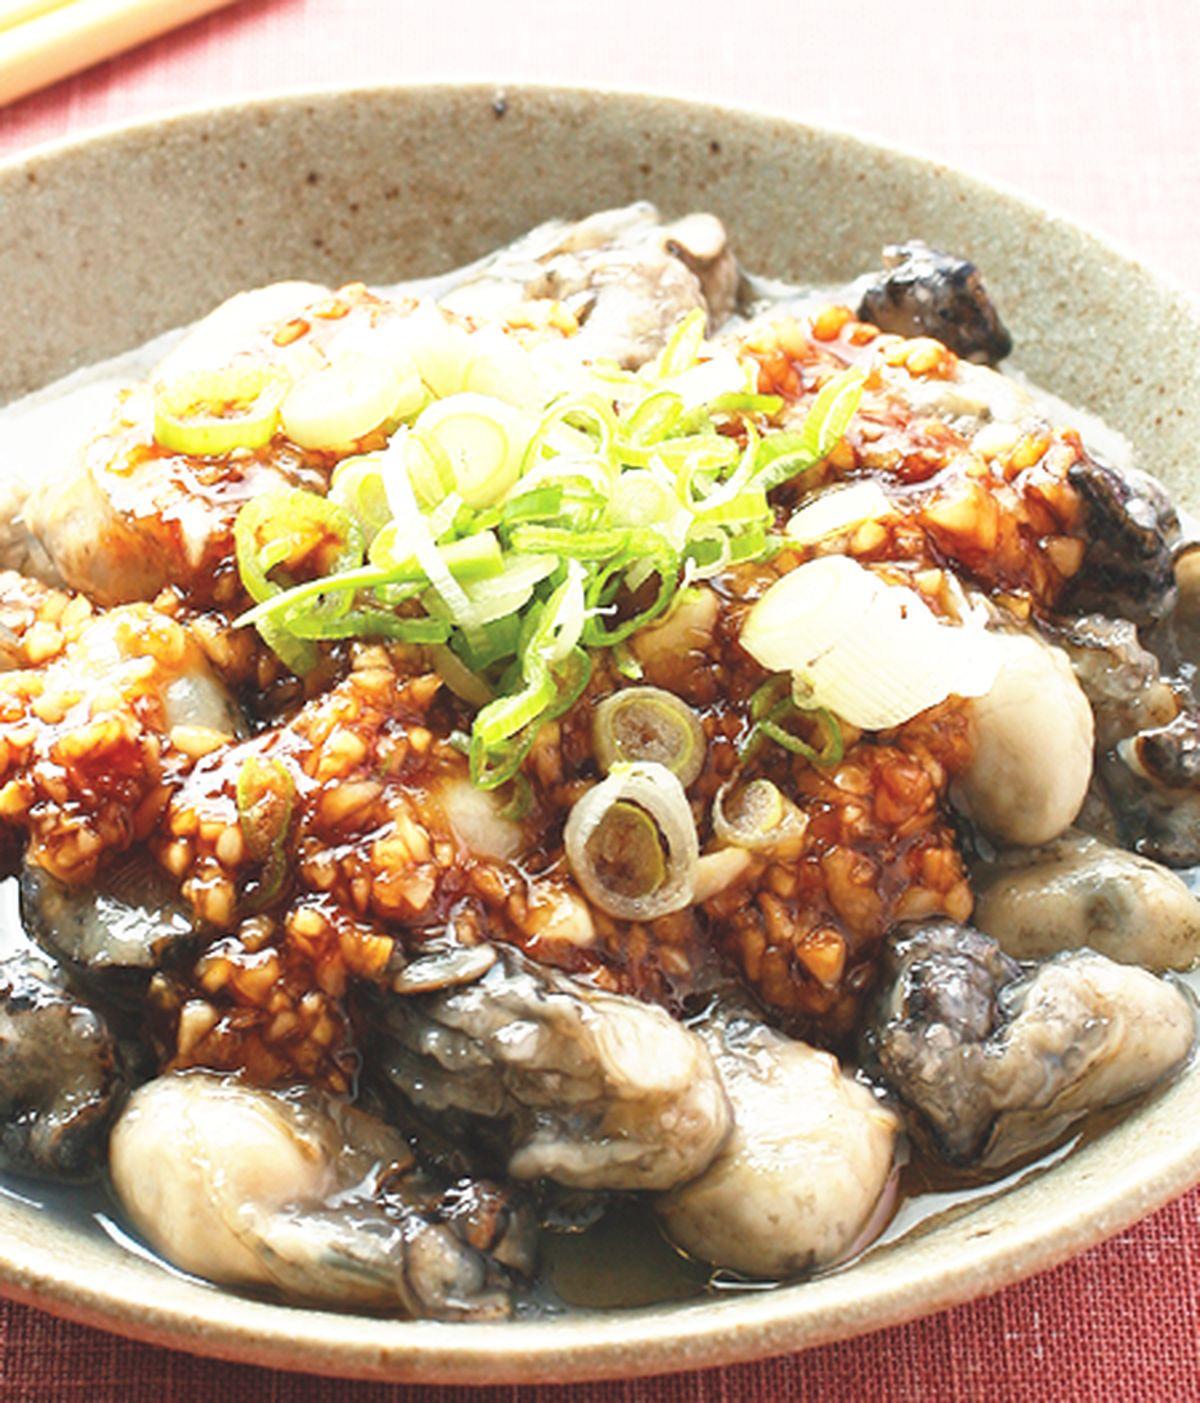 食譜:蒜泥鮮蚵